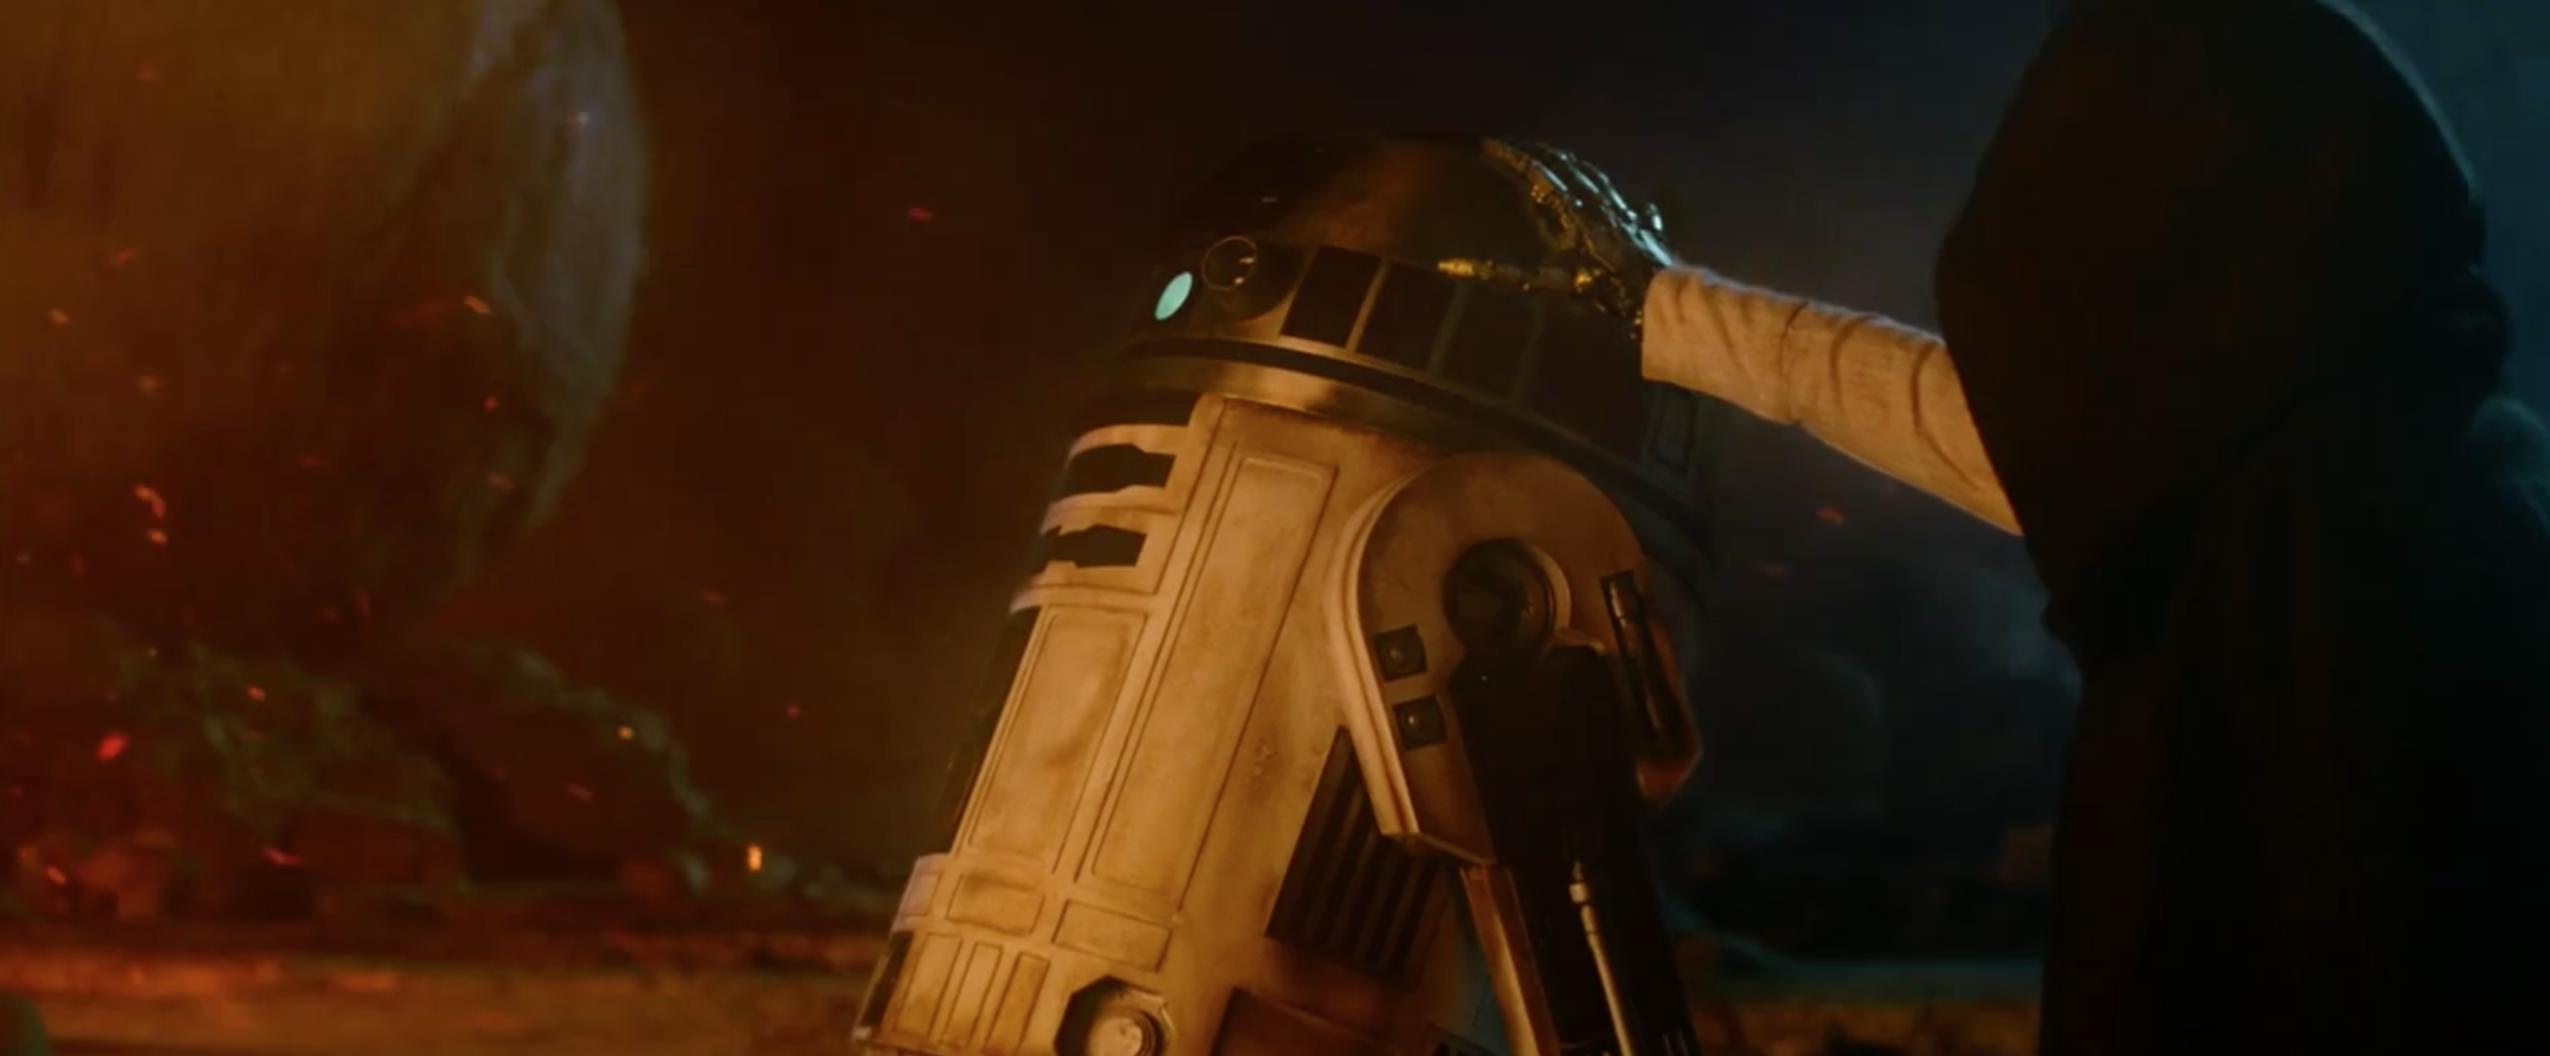 Star Wars: Episodio VII - Il risveglio della Forza: R2D2 appare nel secondo teaser